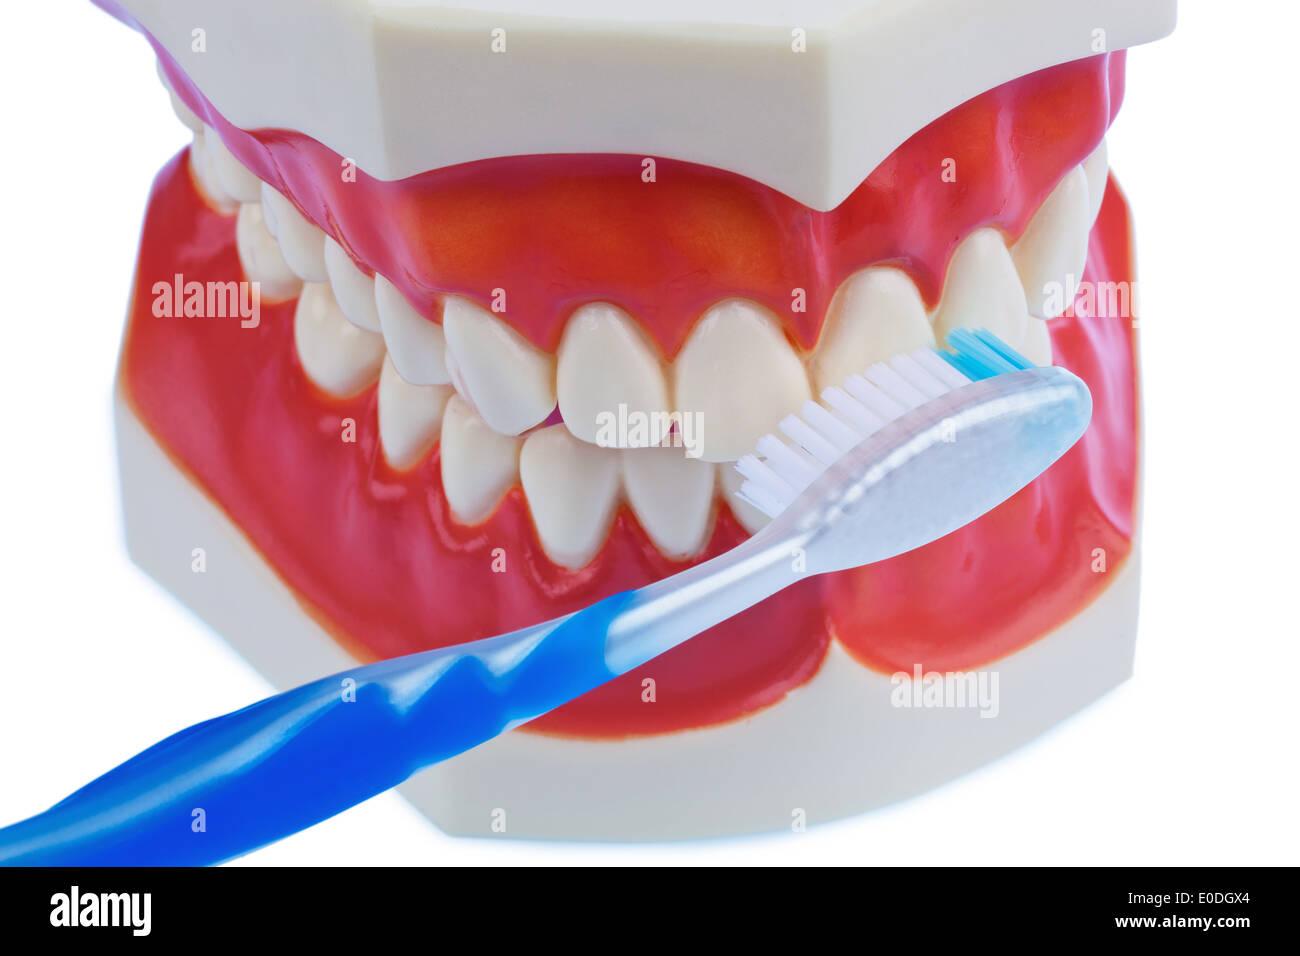 Erfreut Zähne Modelle Zahnanatomie Zeitgenössisch - Menschliche ...